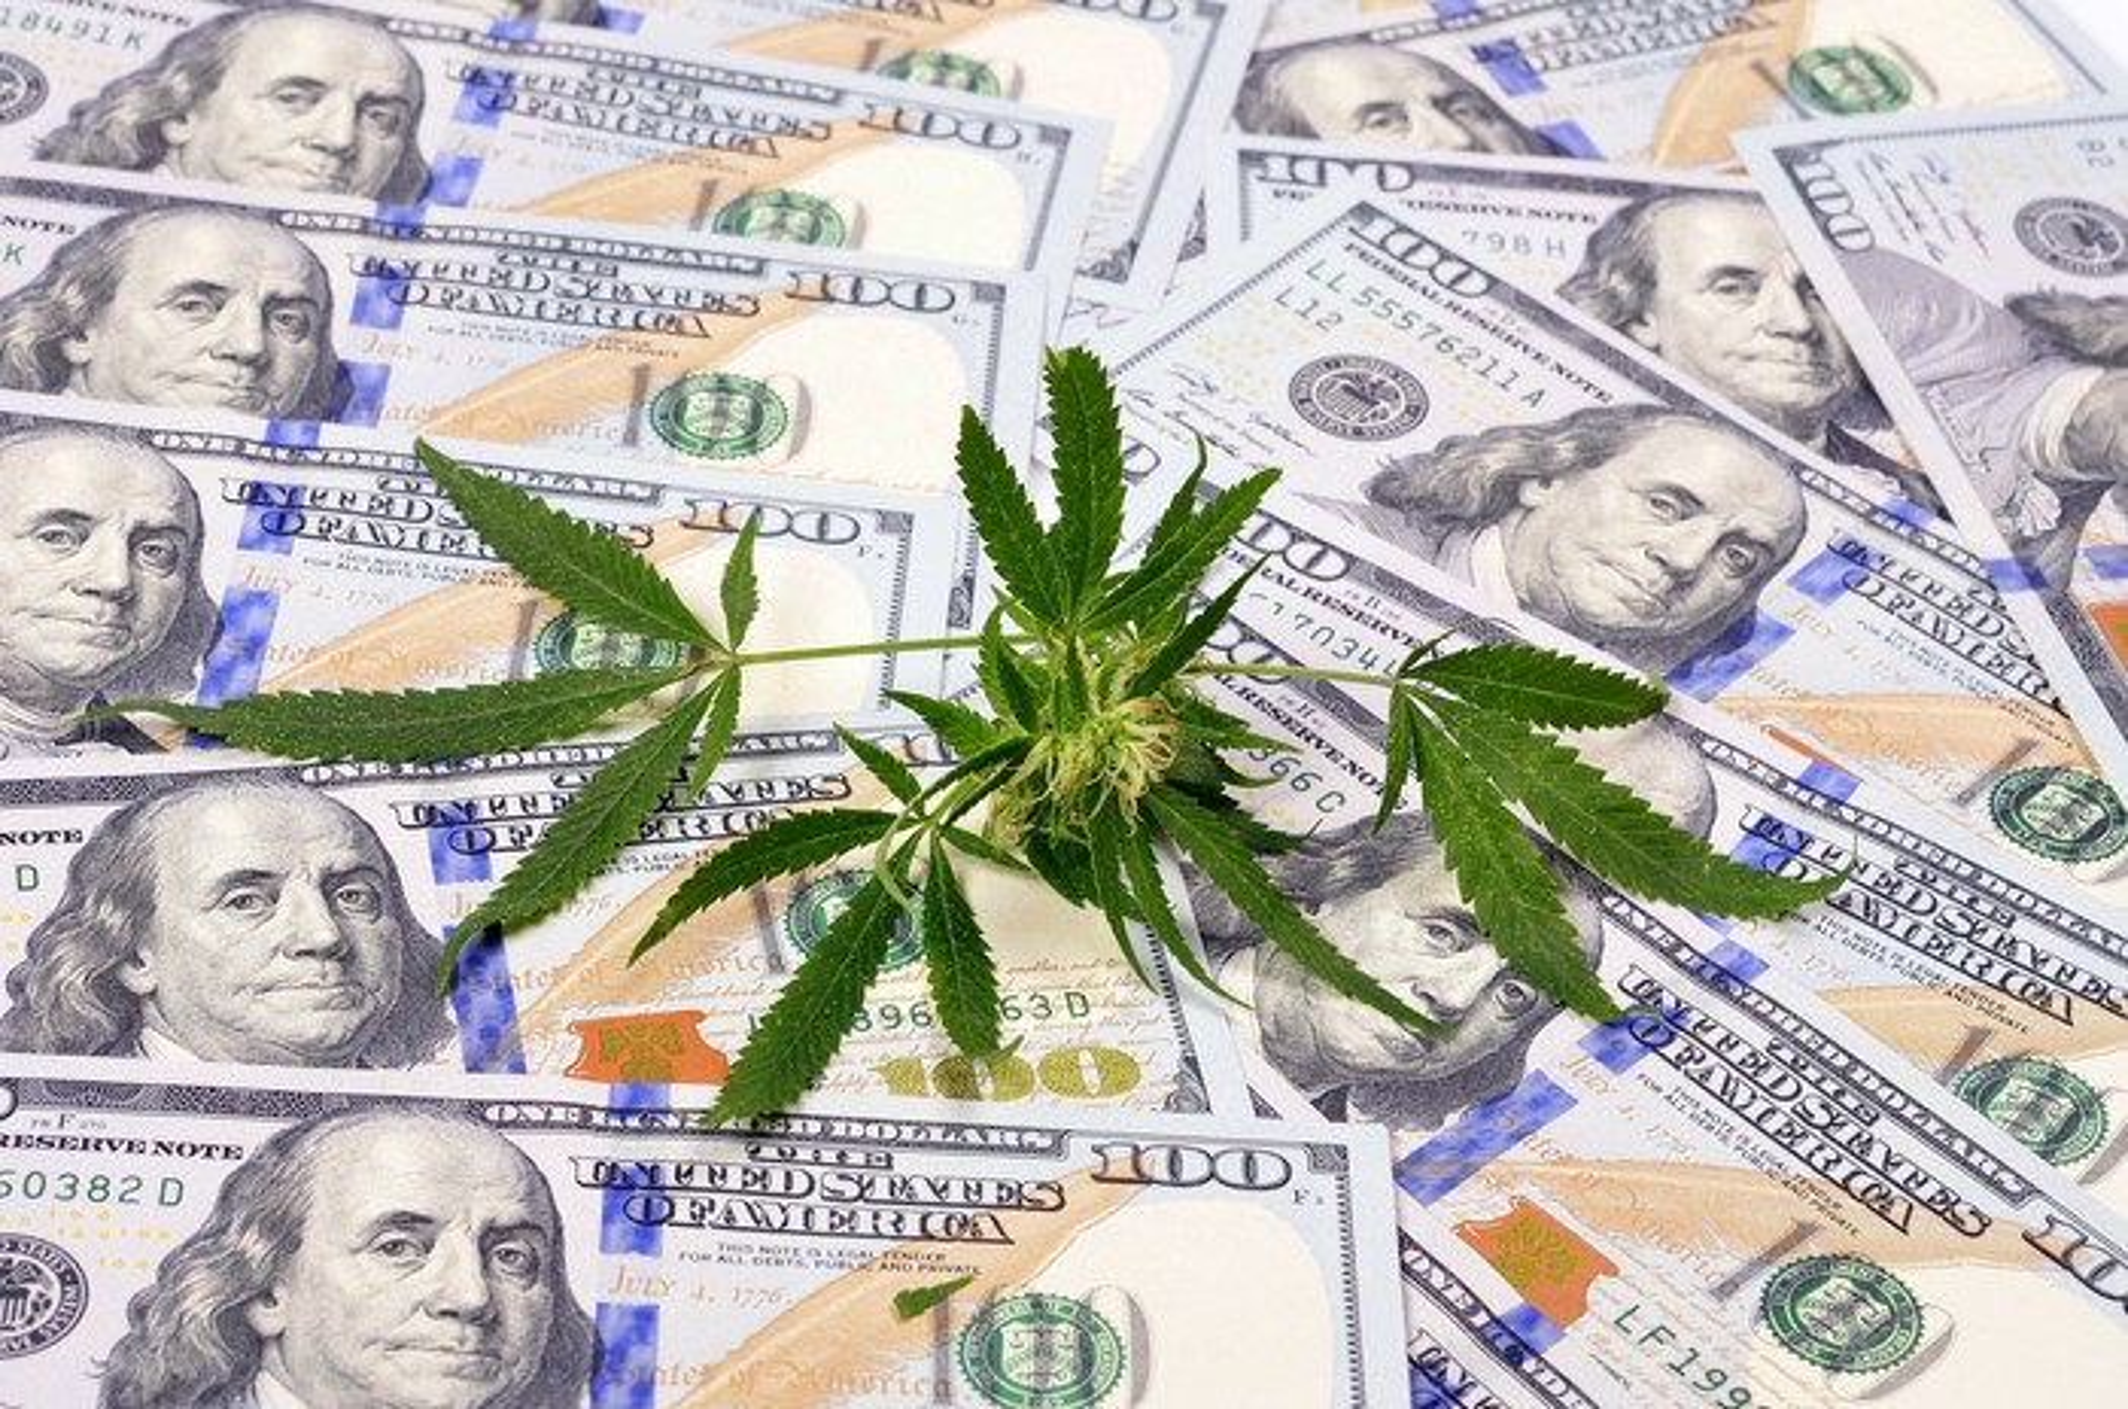 Marijuana on top of $100 bills